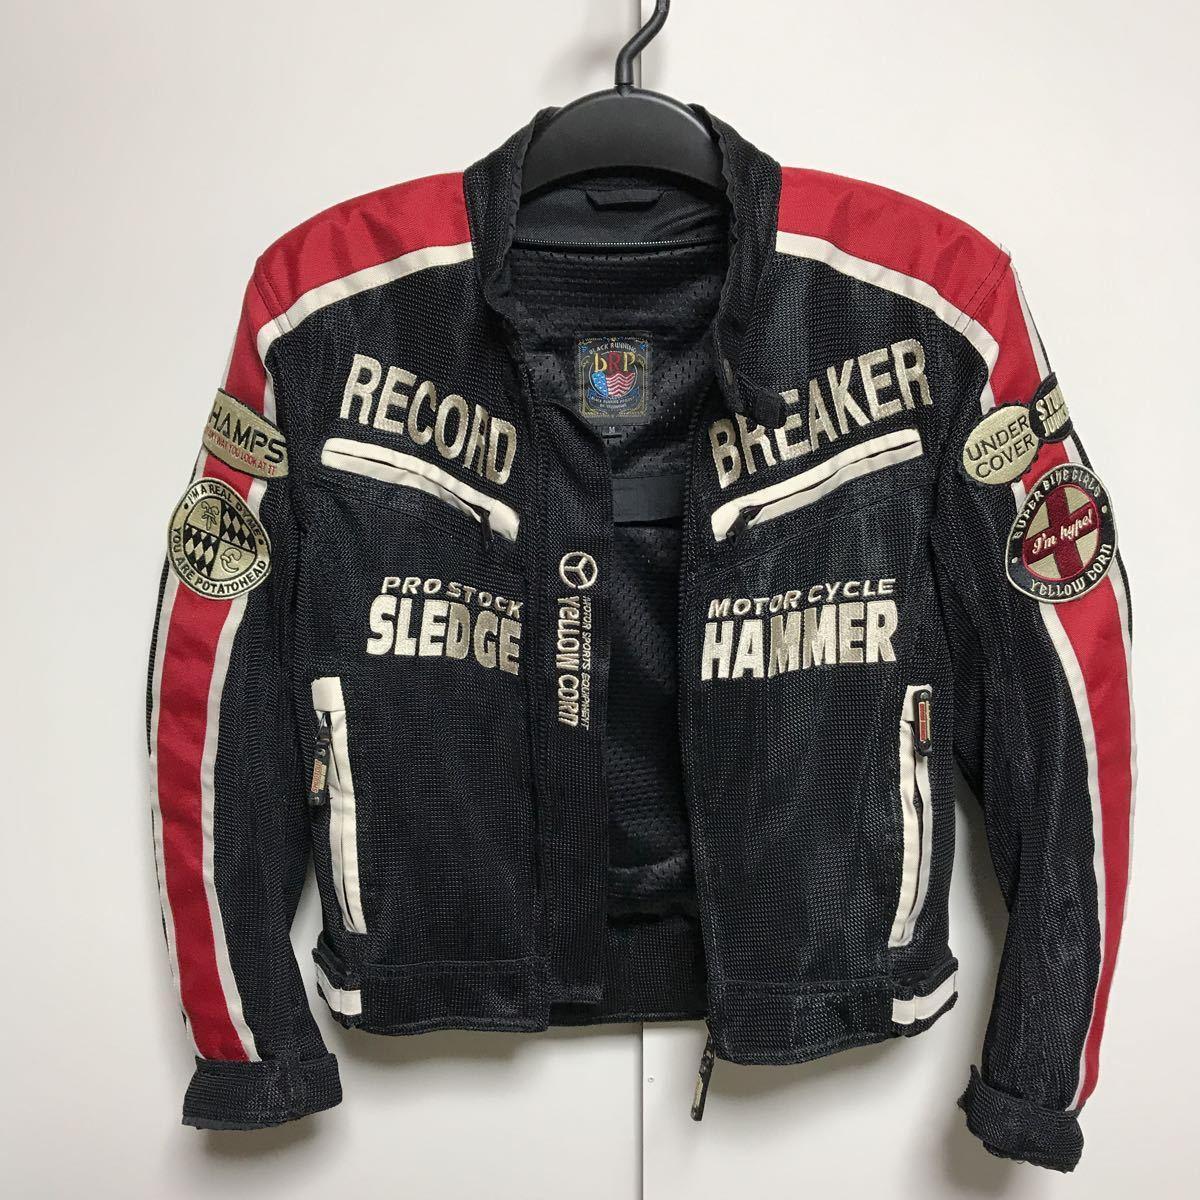 イエローコーン 中綿入り 春夏 メンズM ジャケット YeLLOW CORN バイクウェア バイクジャケット 中古_画像3